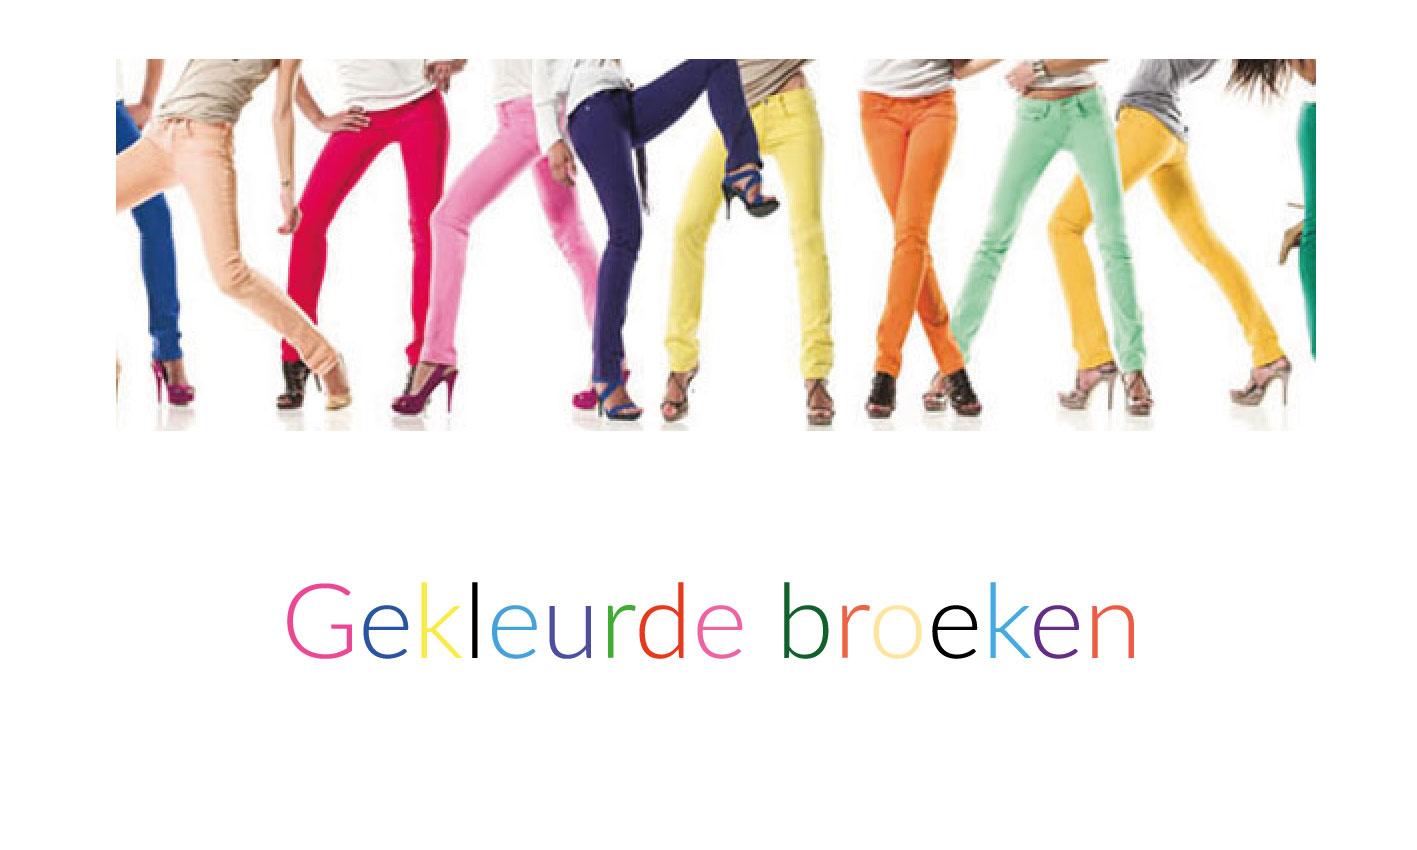 Gekleurde broeken geven je garderobe kleur, en ook je humeur